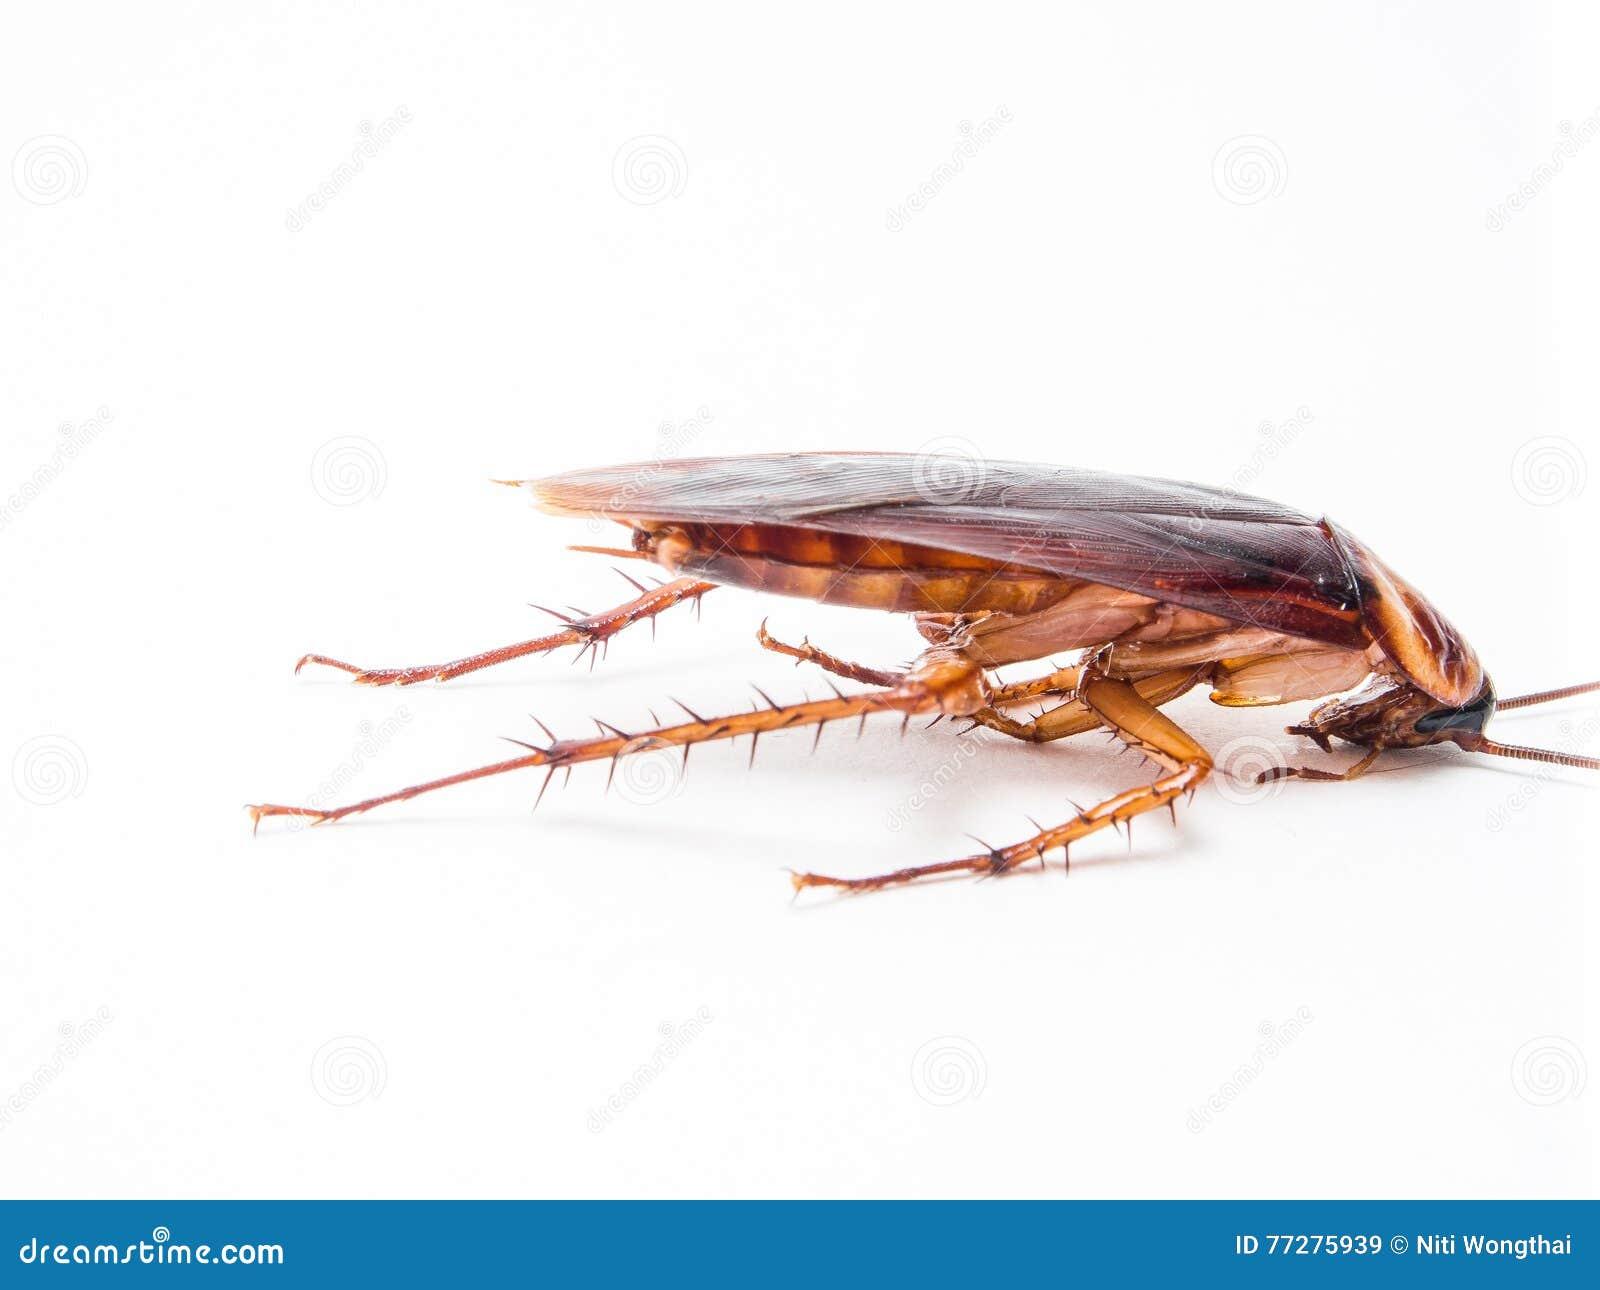 De kakkerlakken dragen ziekten die u moet elimineren